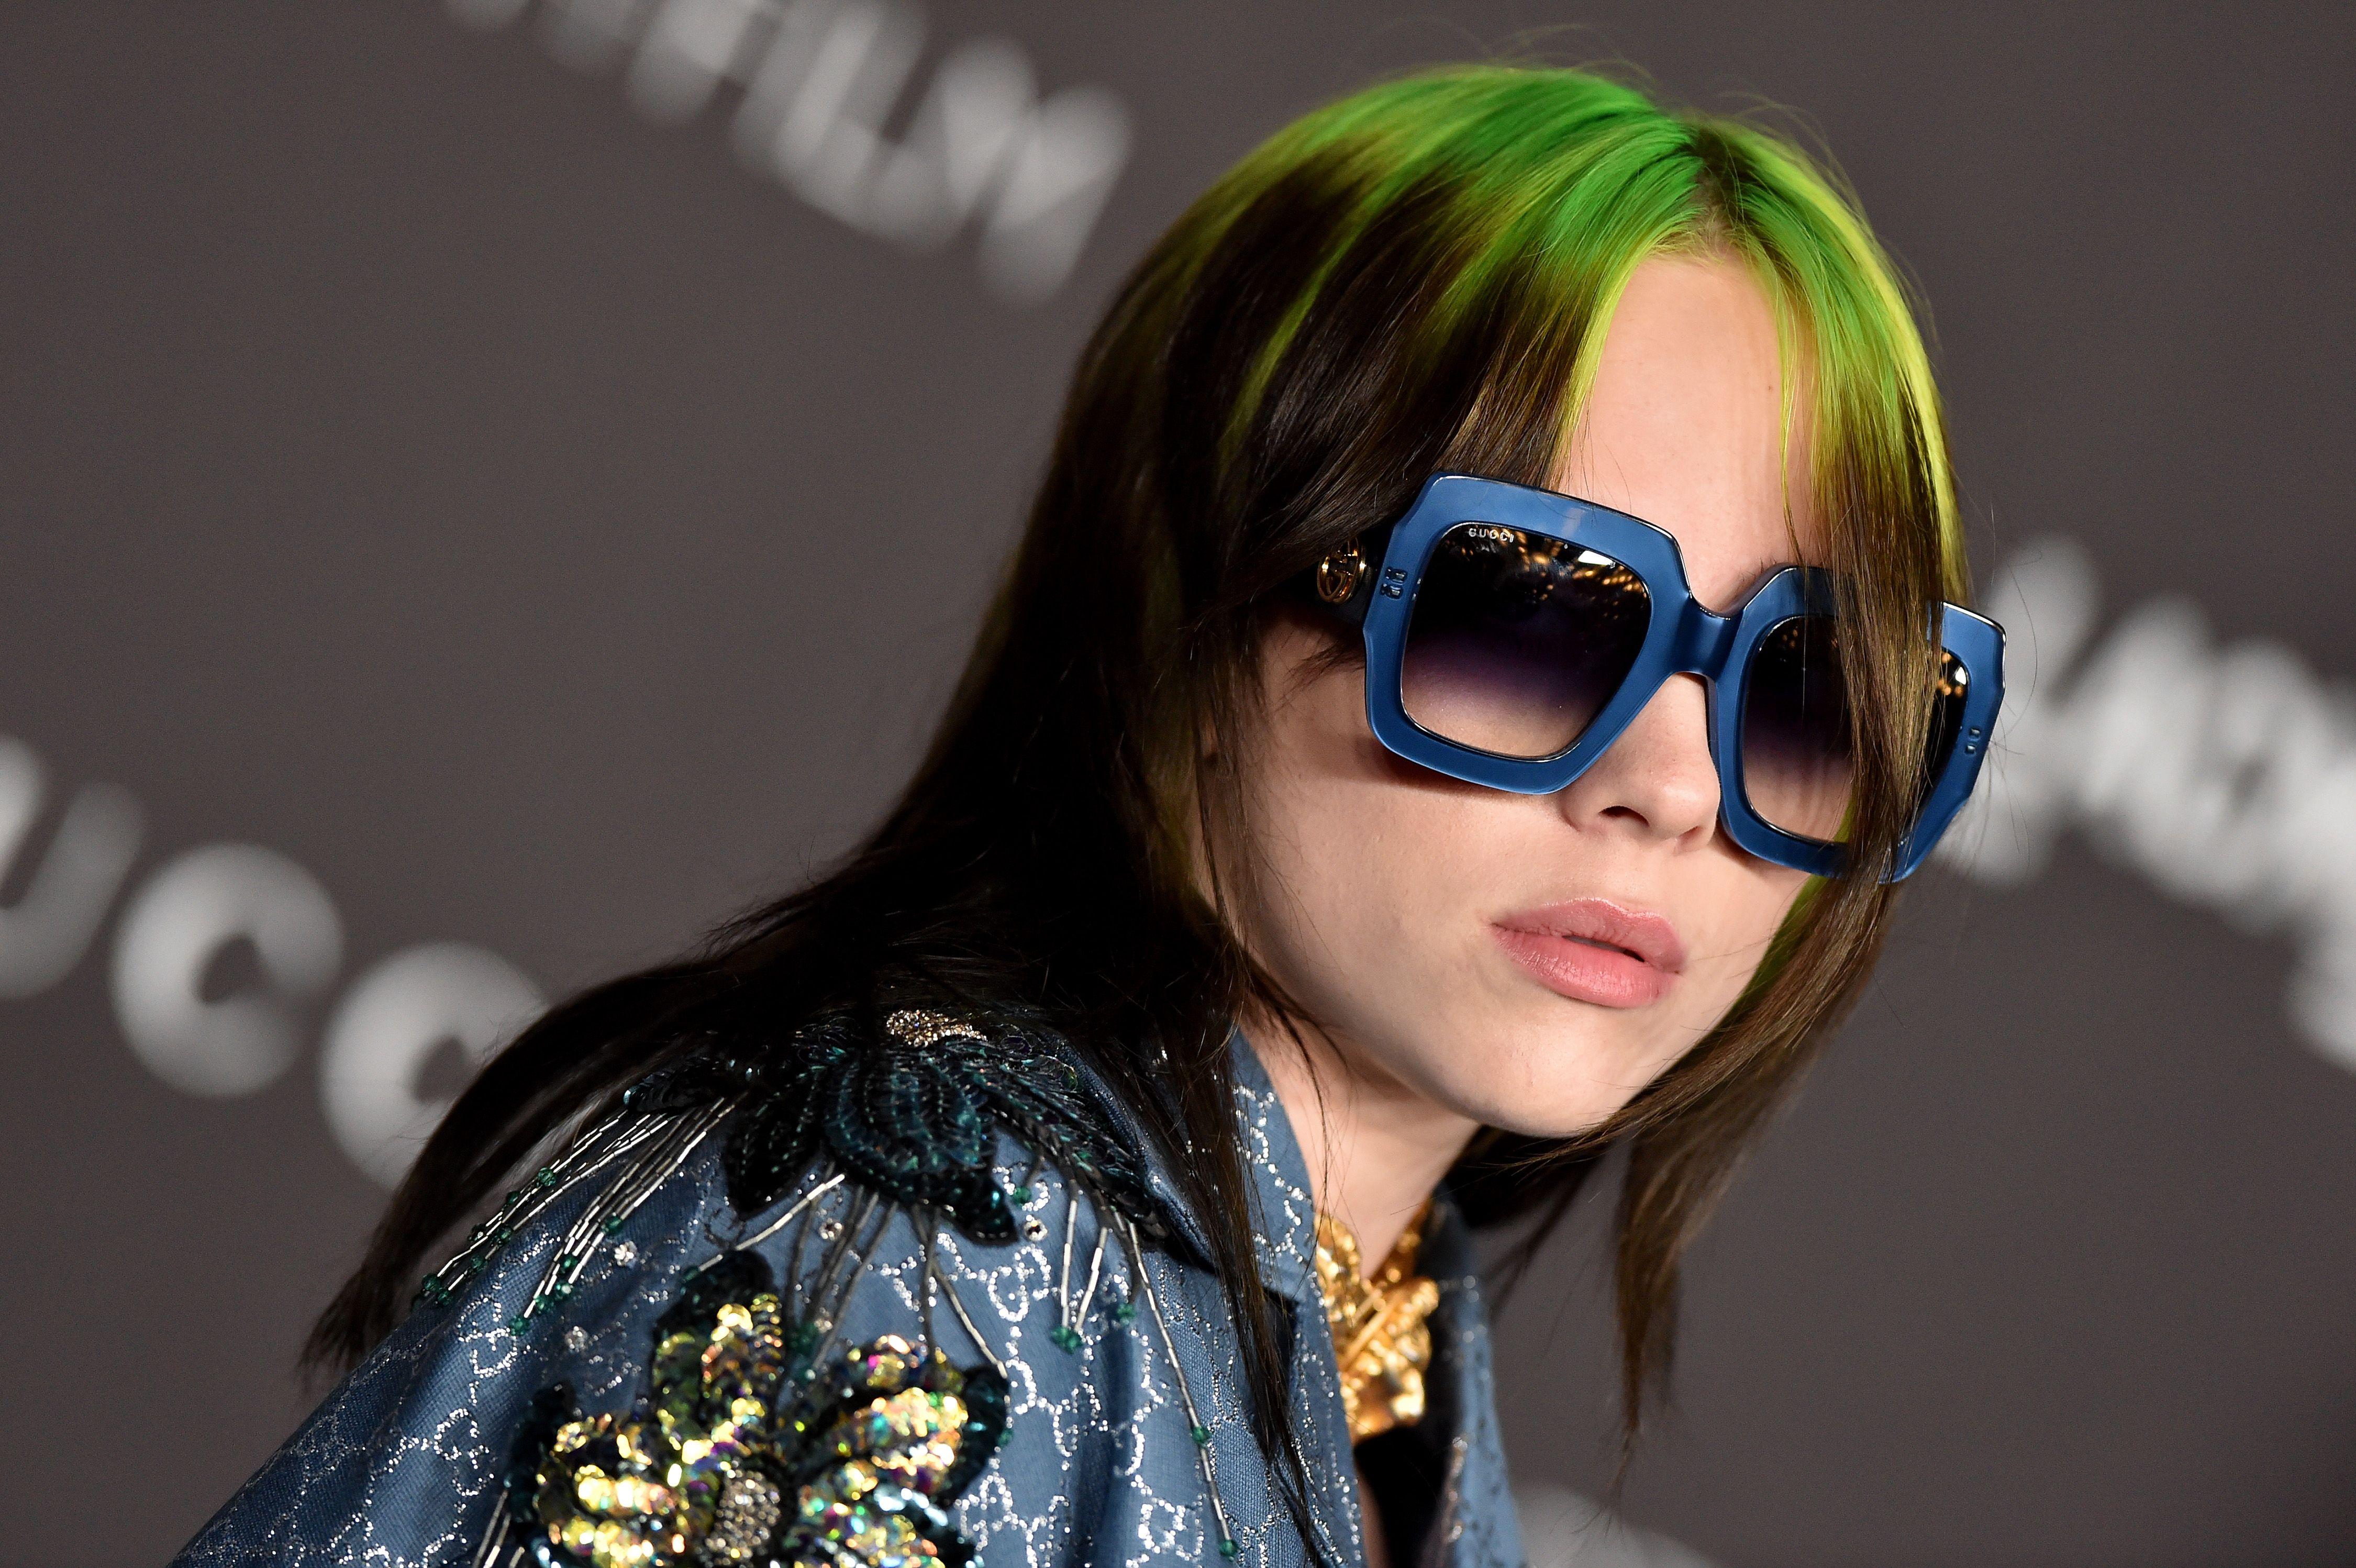 Where to Buy Billie Eilish's Insane $420 Gucci Sunglasses